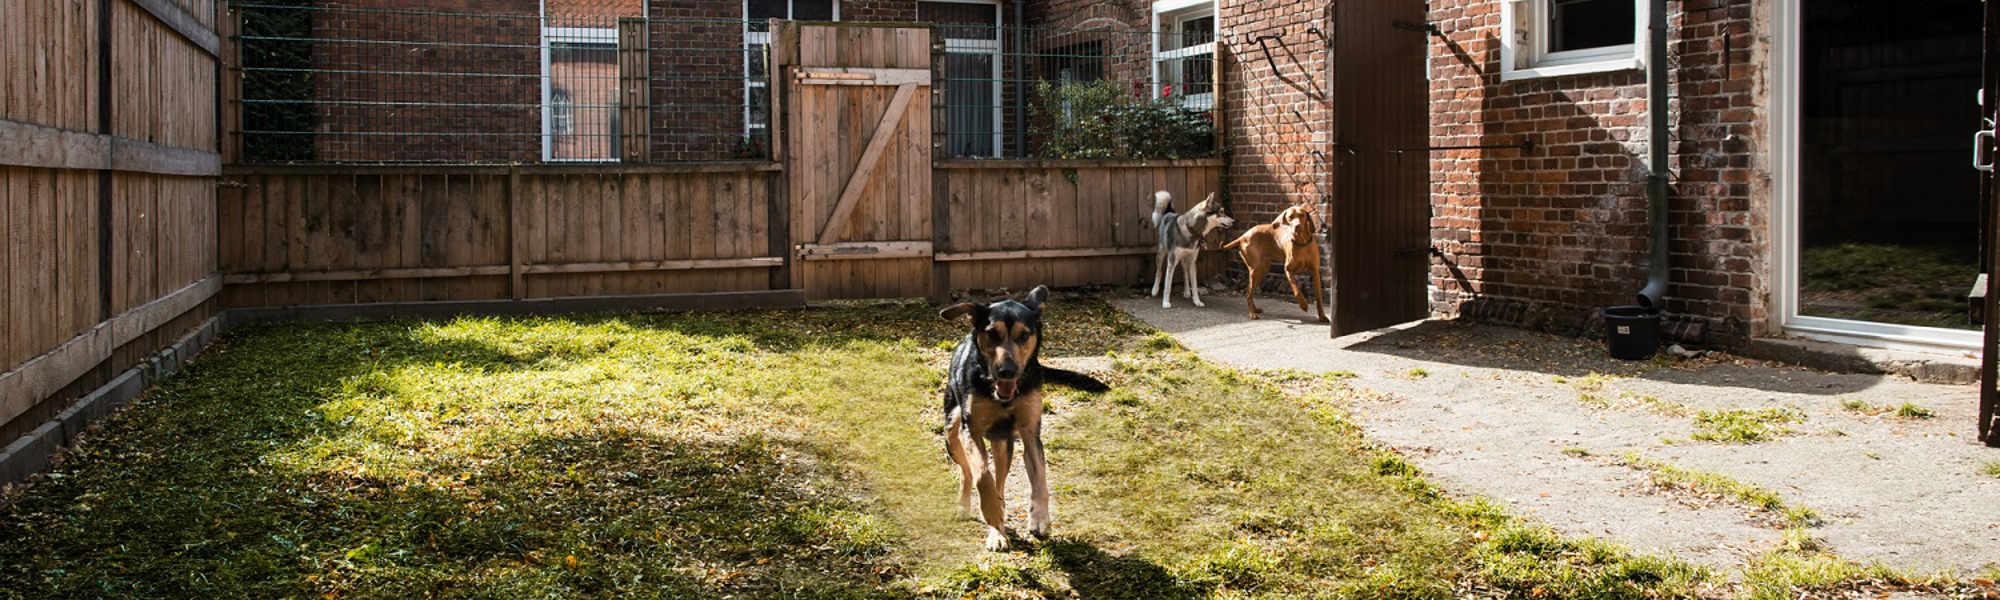 Auslauffläche vor der Hundepension Zehengaenger